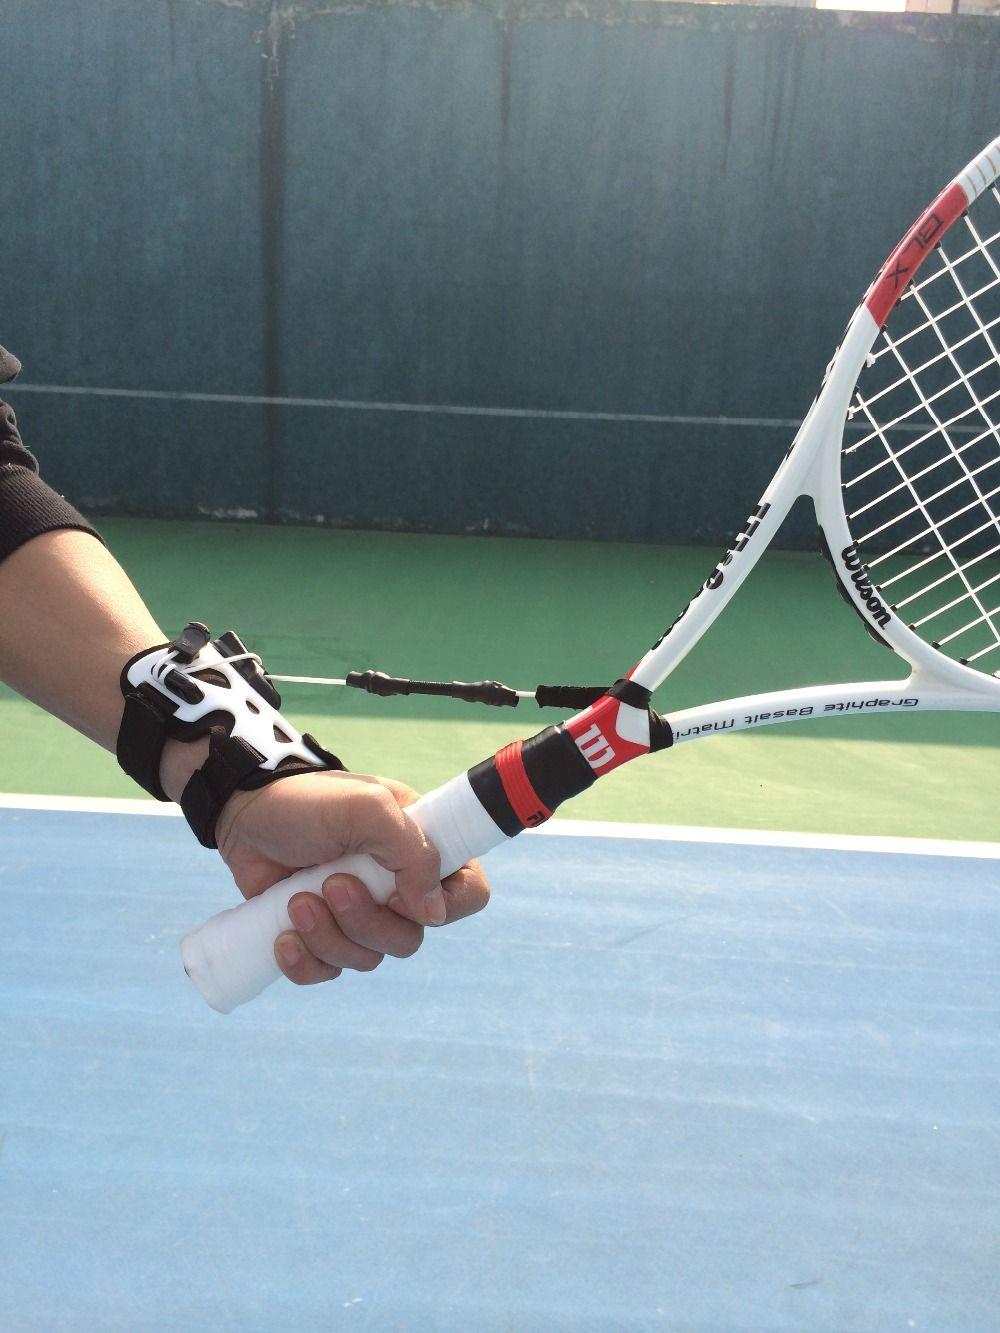 Envío libre Tenis fija una muñeca entrenadores rápido maestro Tenis raqueta swing punto principal correcta el movimiento de la muñeca